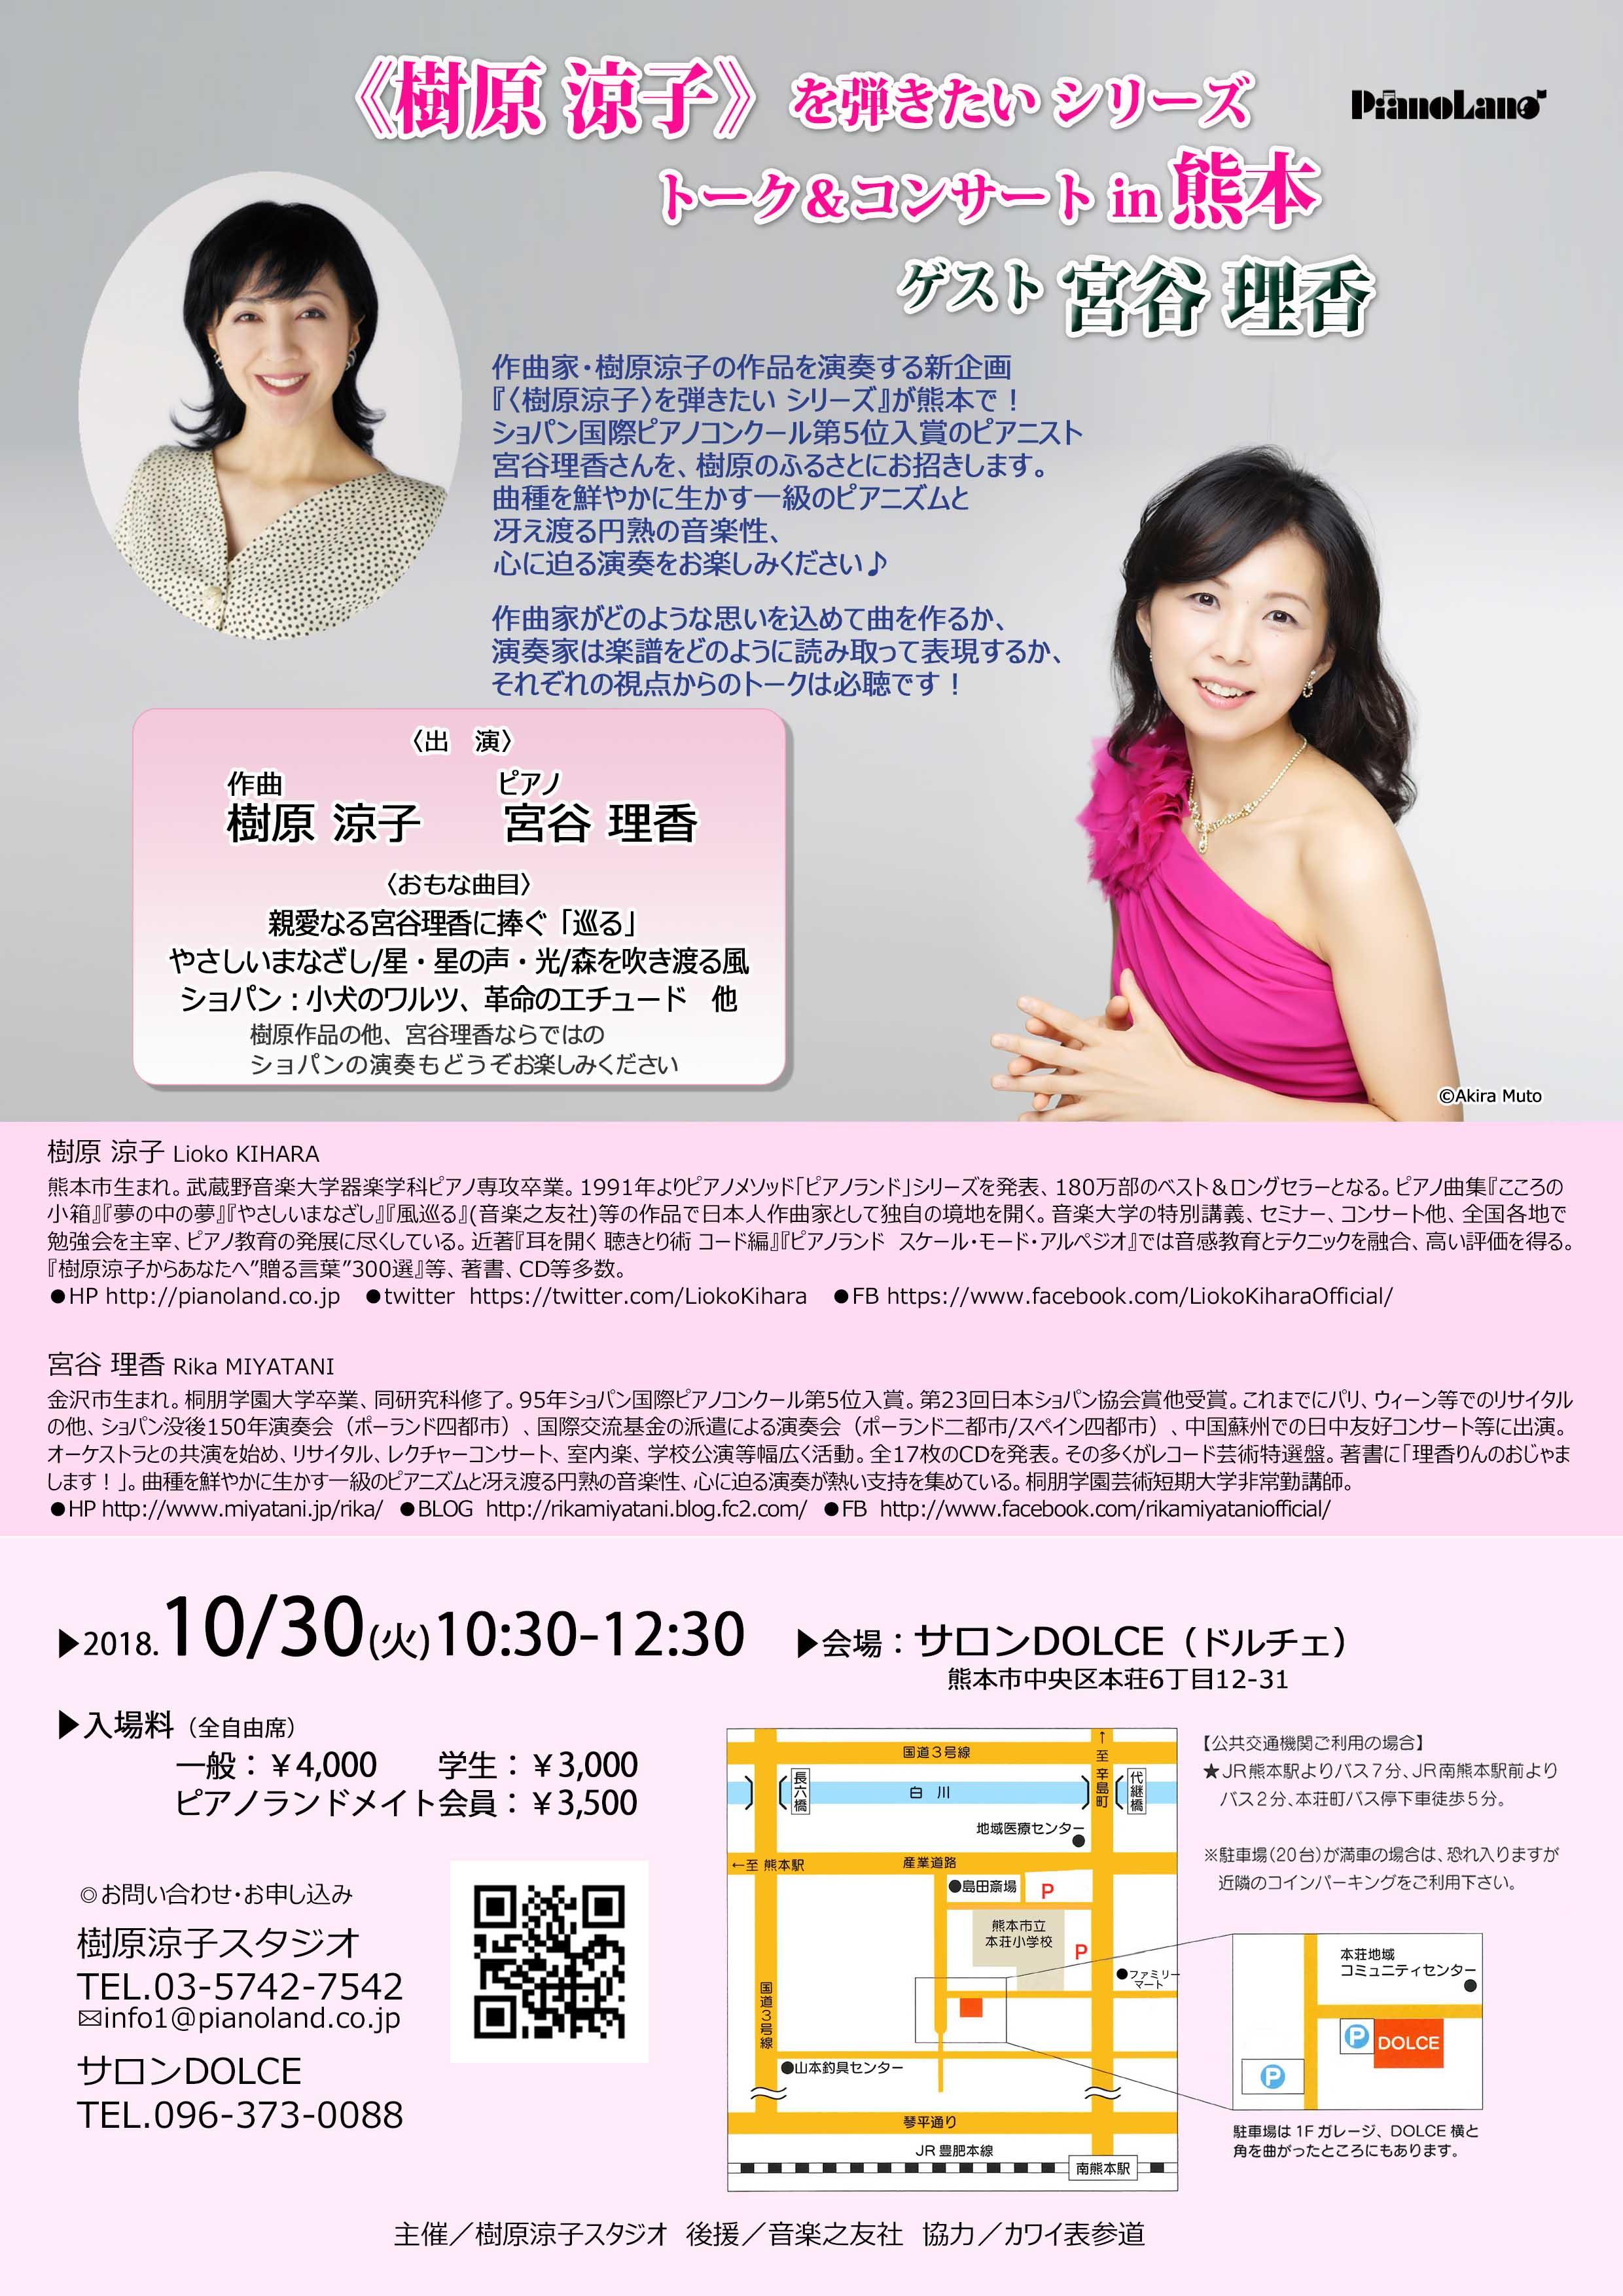 《樹原涼子》を弾きたいシリーズ トーク&コンサートin熊本 ゲスト 宮谷理香